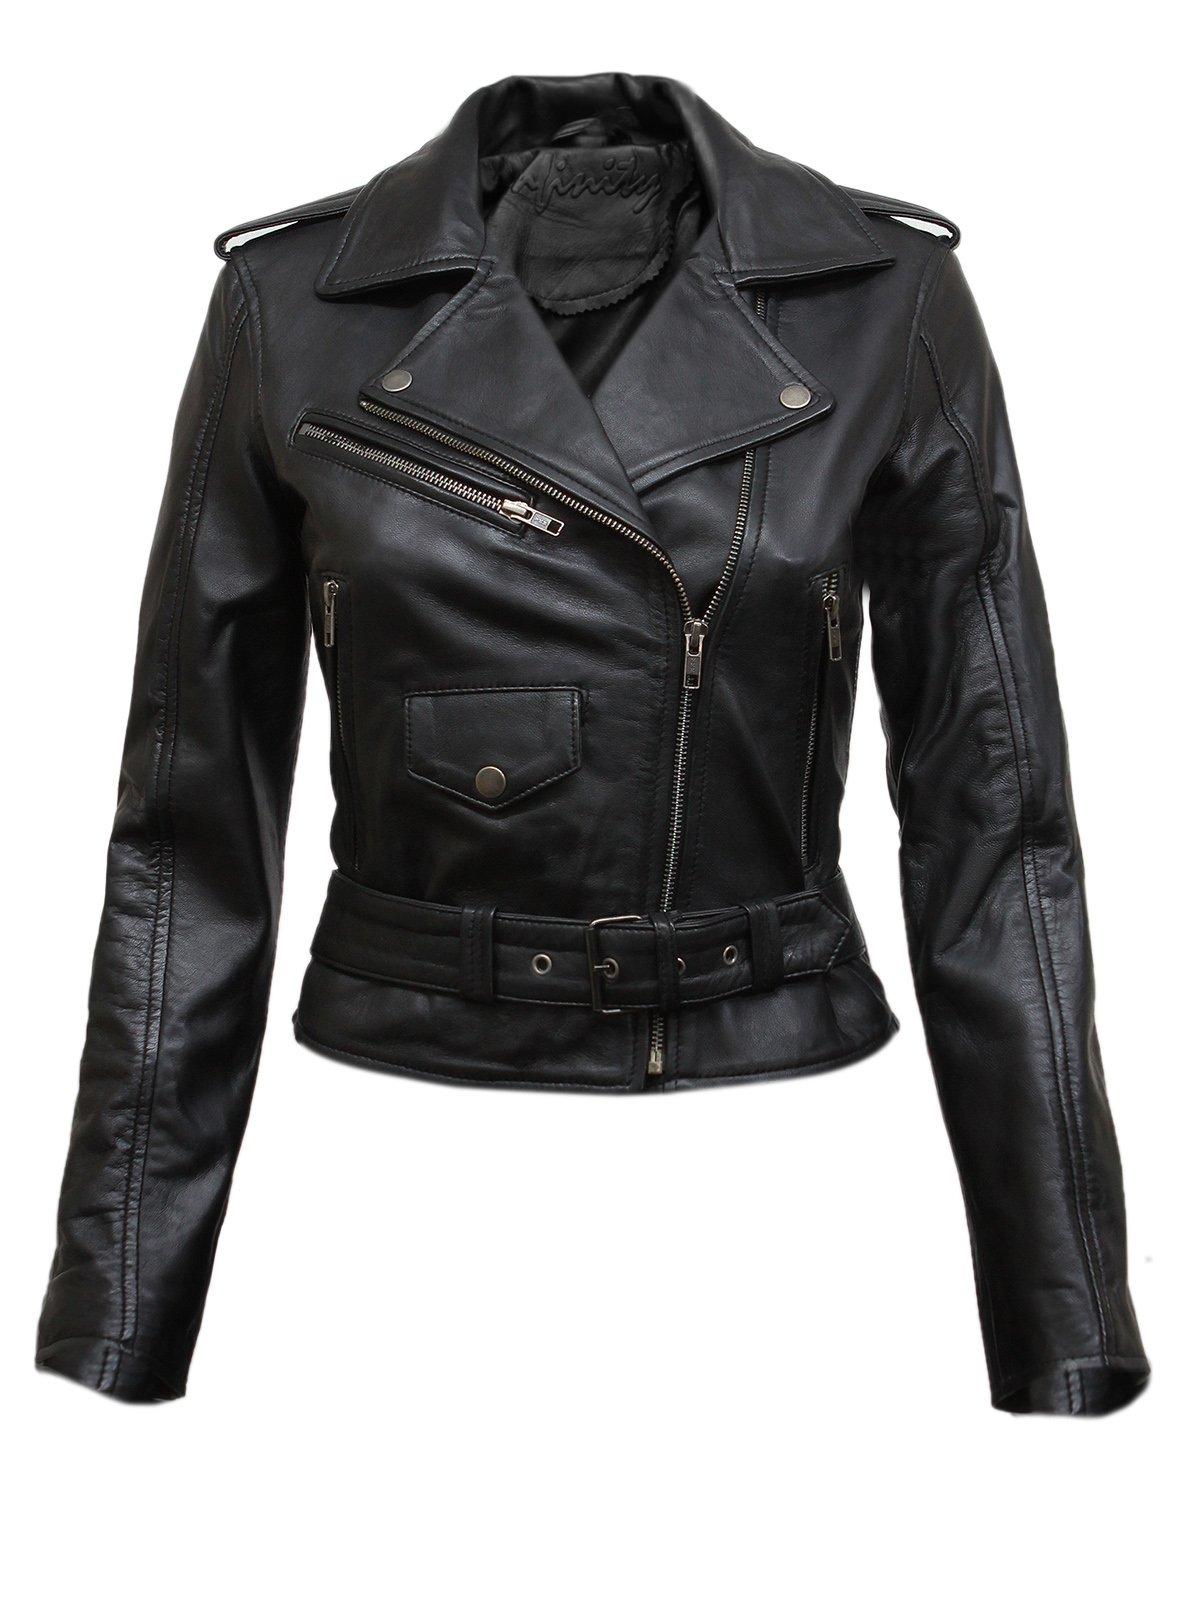 Brandslock Ladies Real Leather Biker Jacket Fit Style Vintage (Small(8))